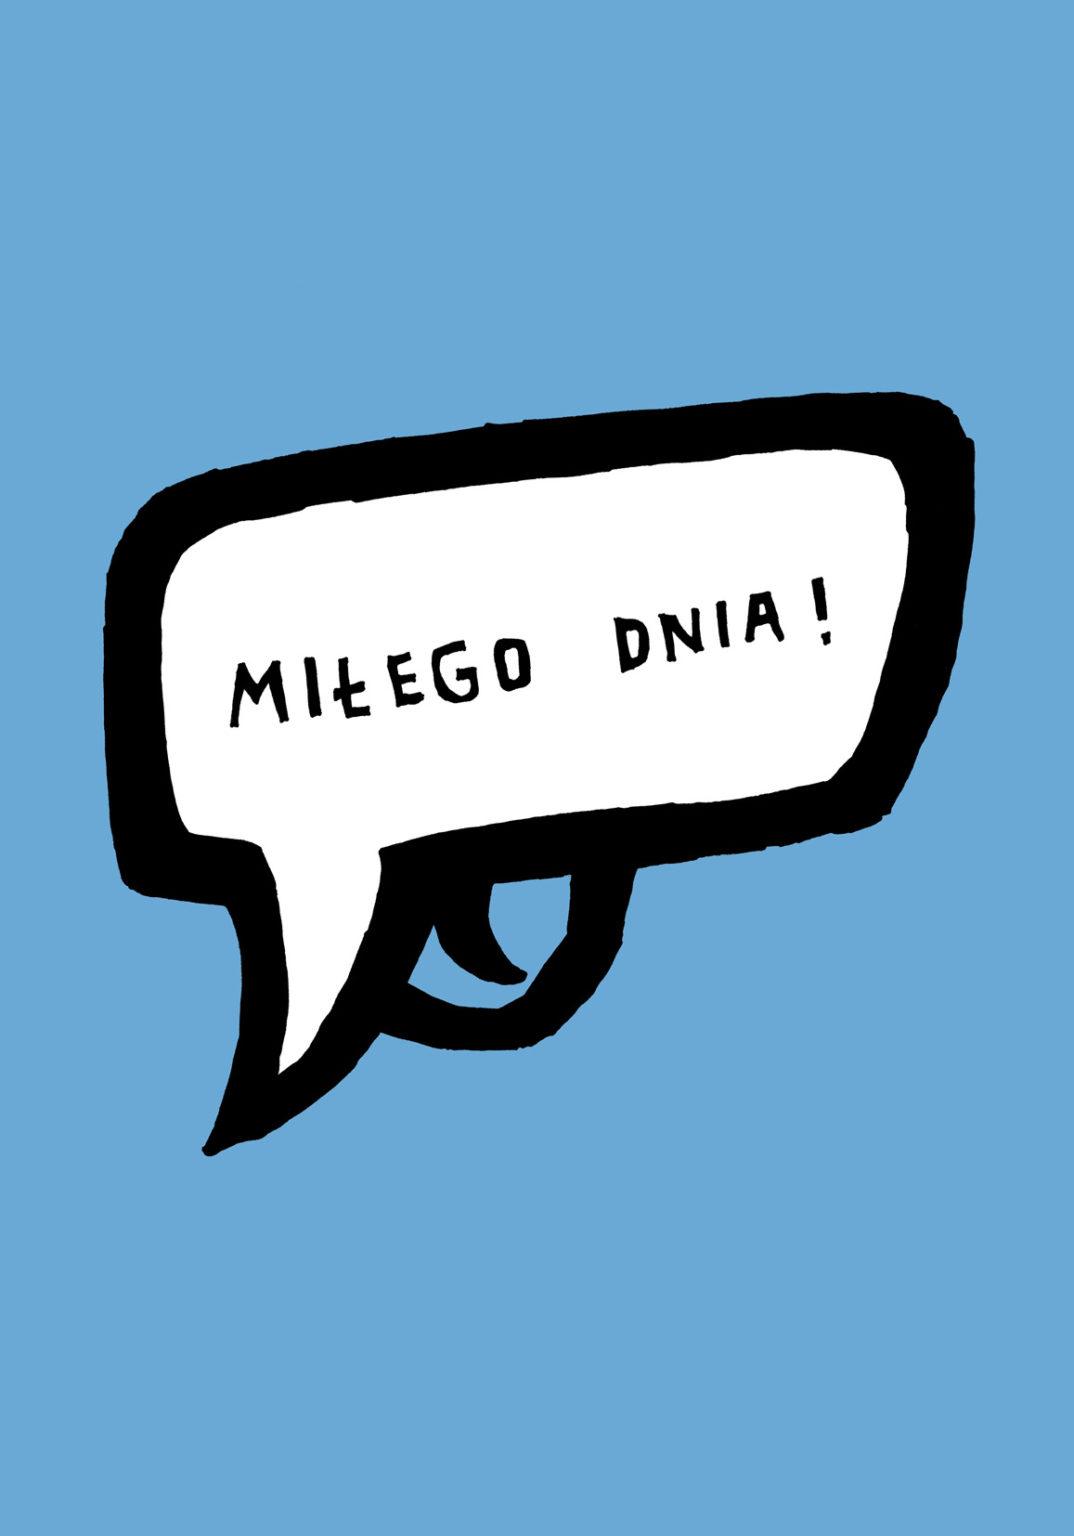 milego